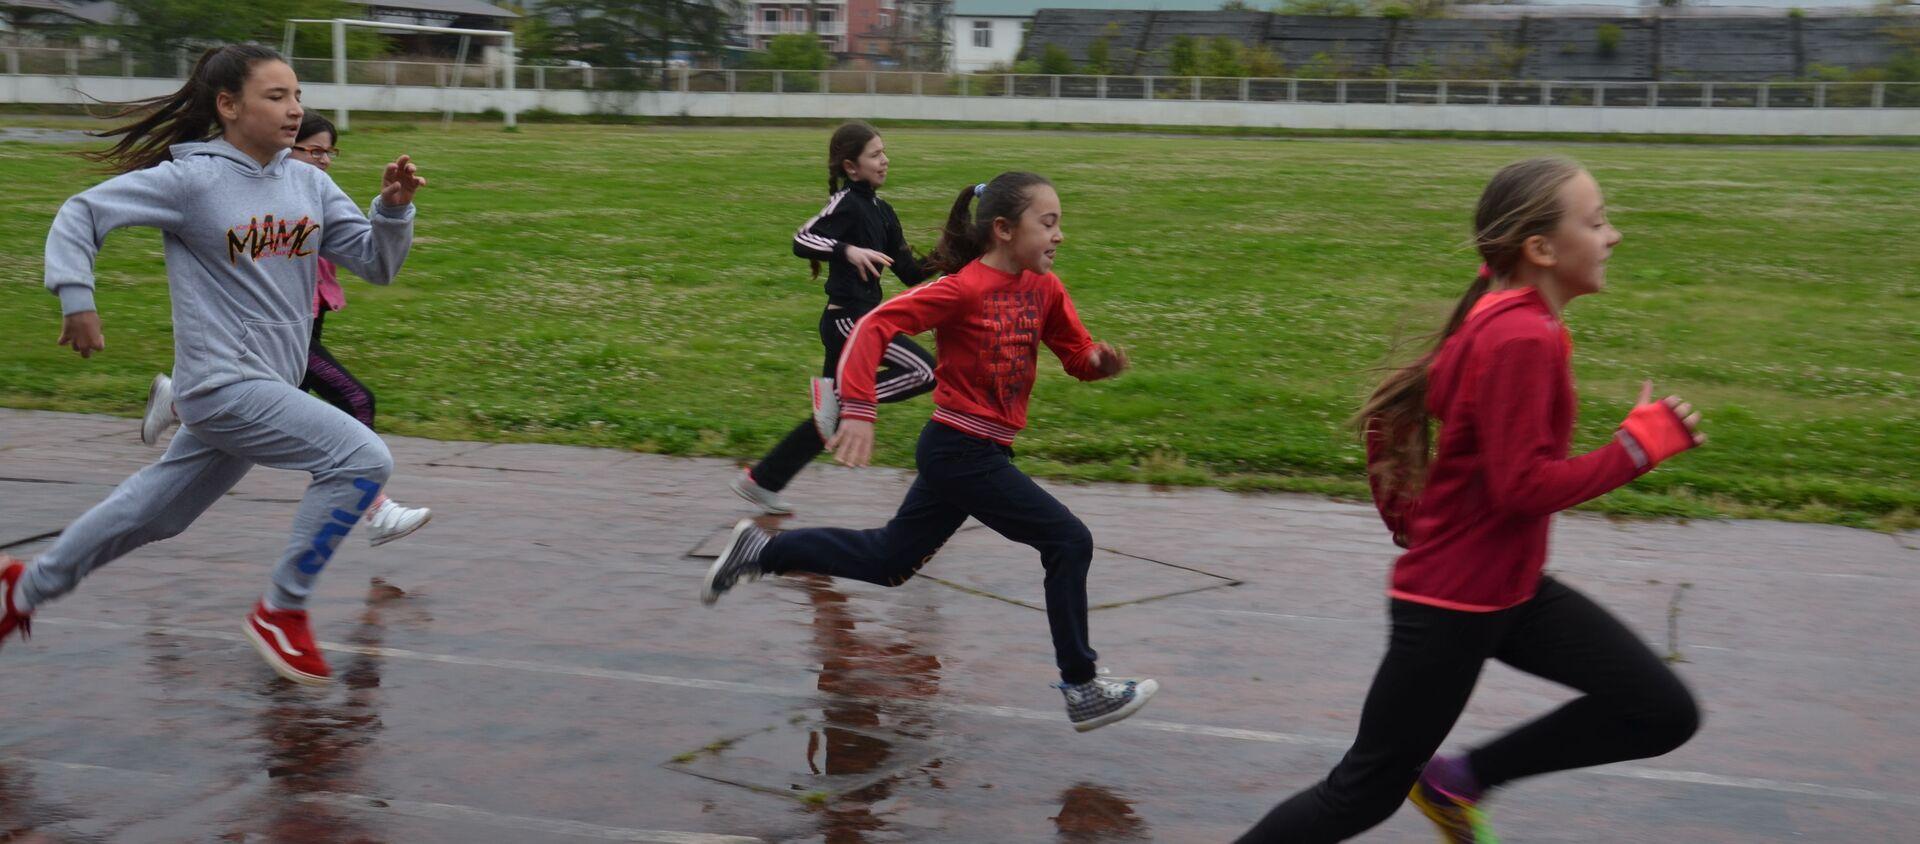 Республиканский турнир по легкой атлетике памяти Саиды Гунба, 20 апреля 2019 - Sputnik Абхазия, 1920, 20.04.2019